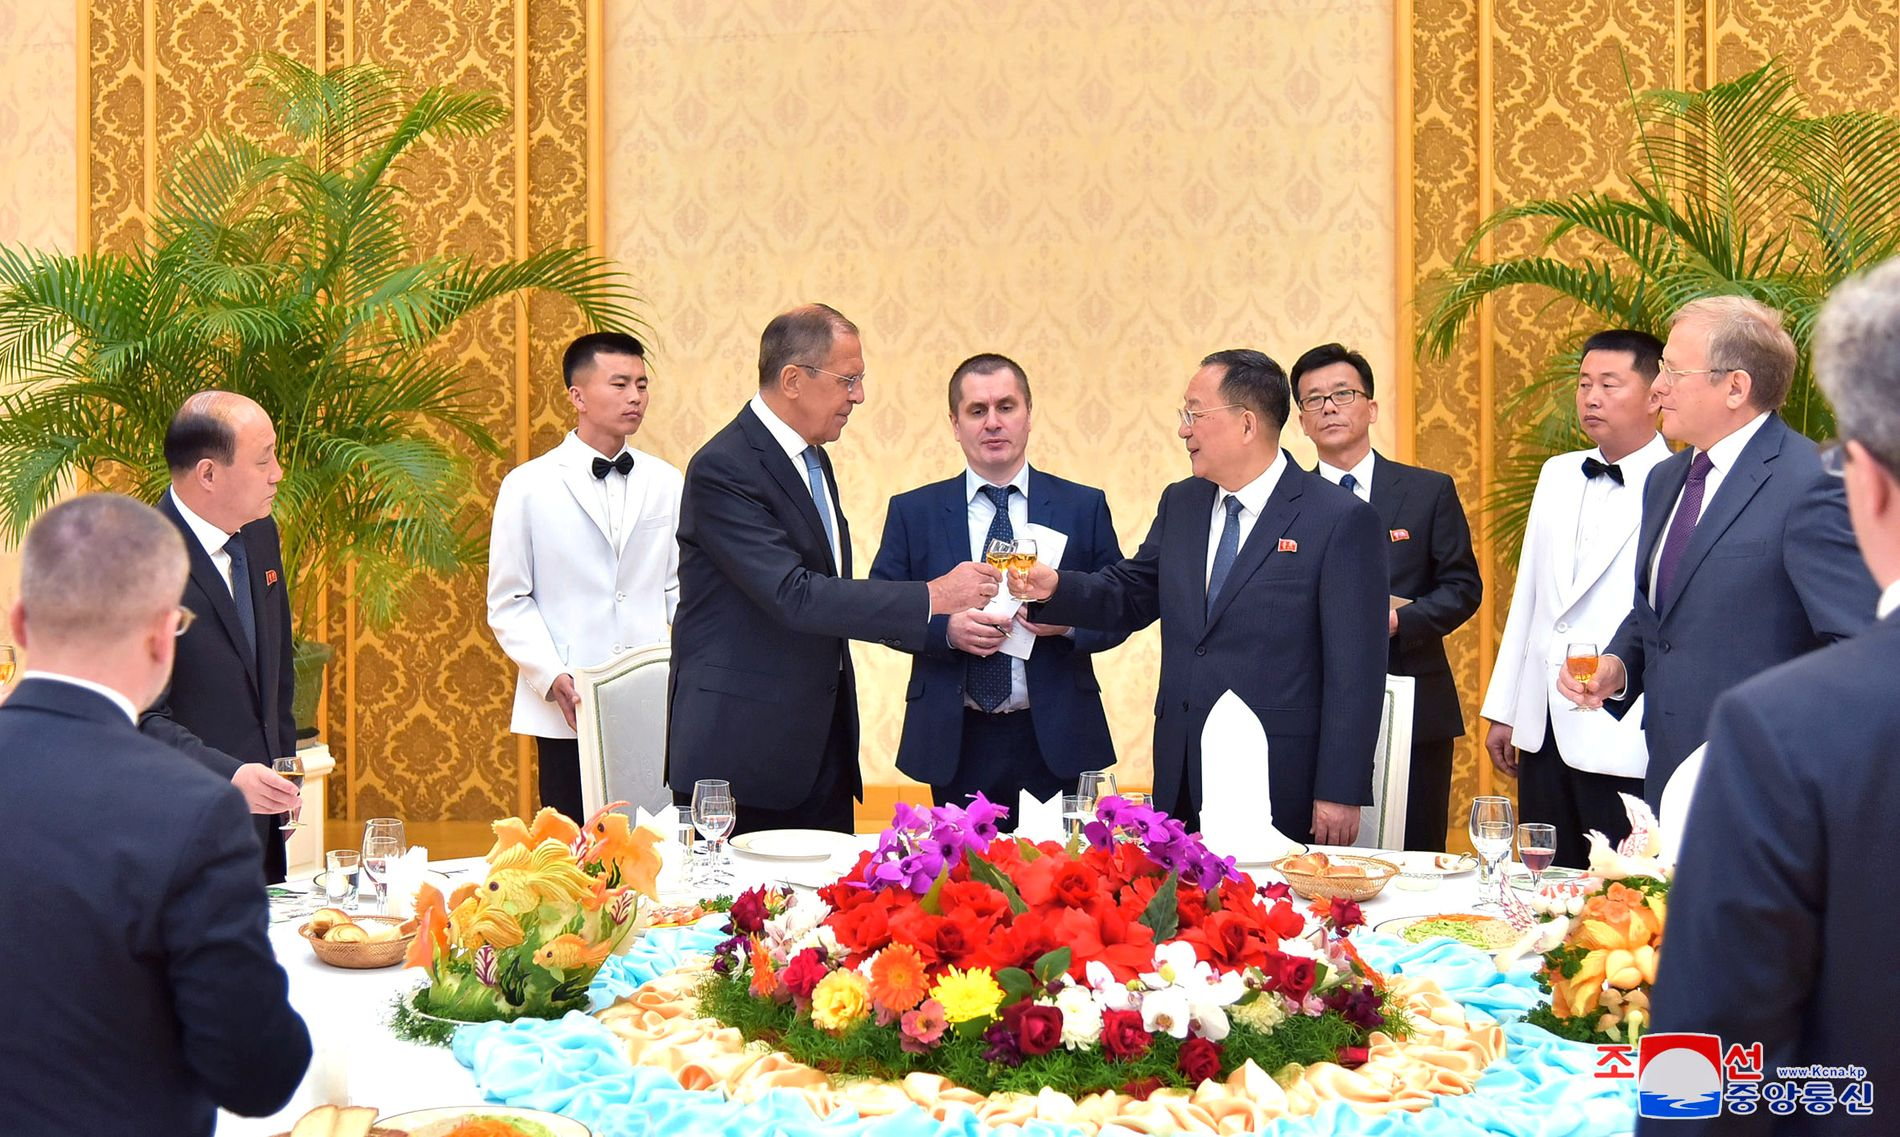 SKÅLER: Sergej Lavrov tar et glass sammen med Nord-Koreas utenriksminister Ri Yong-ho.